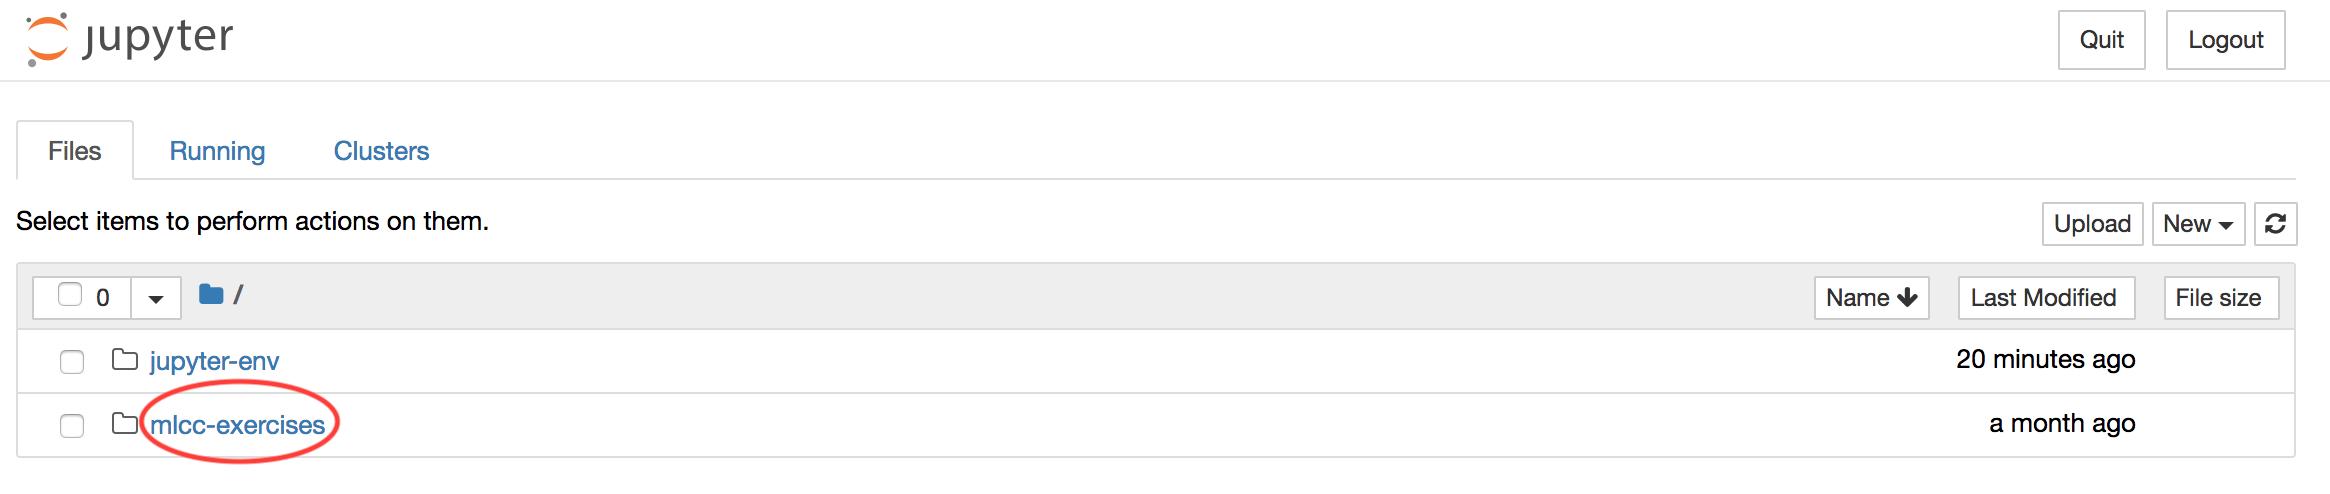 """Captura de pantalla de la interfaz de búsqueda de archivos de Jupyter con el directorio """"mlcc-exercises"""" encerrado en un círculo"""